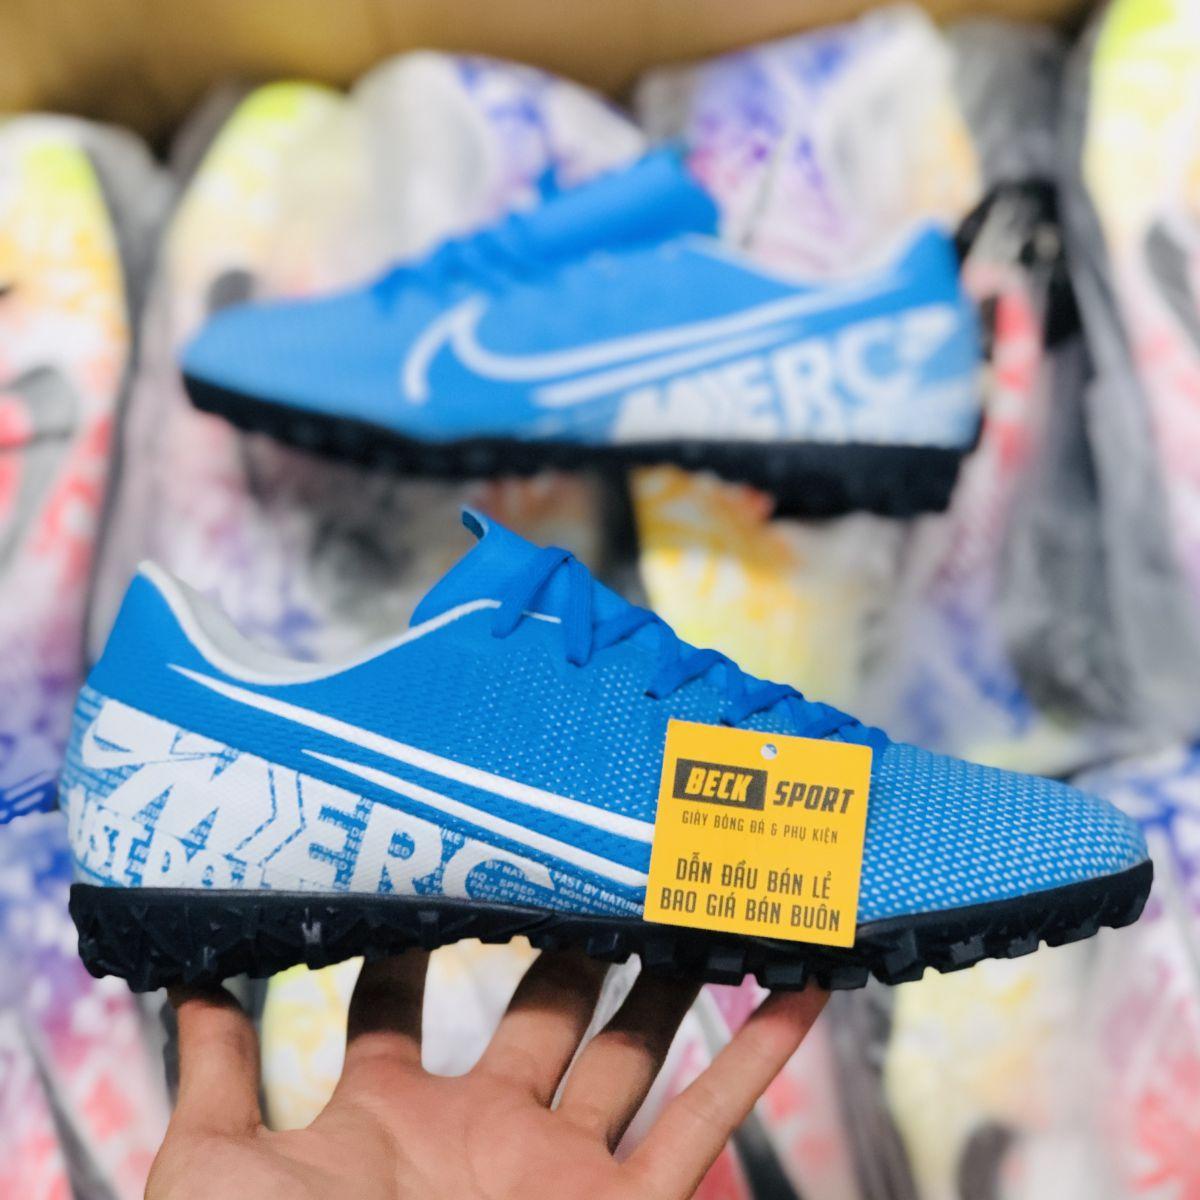 Giày Bóng Đá Trẻ Em Nike Mercurial Vapor 13 Academy Xanh Biển Vạch Trắng TF